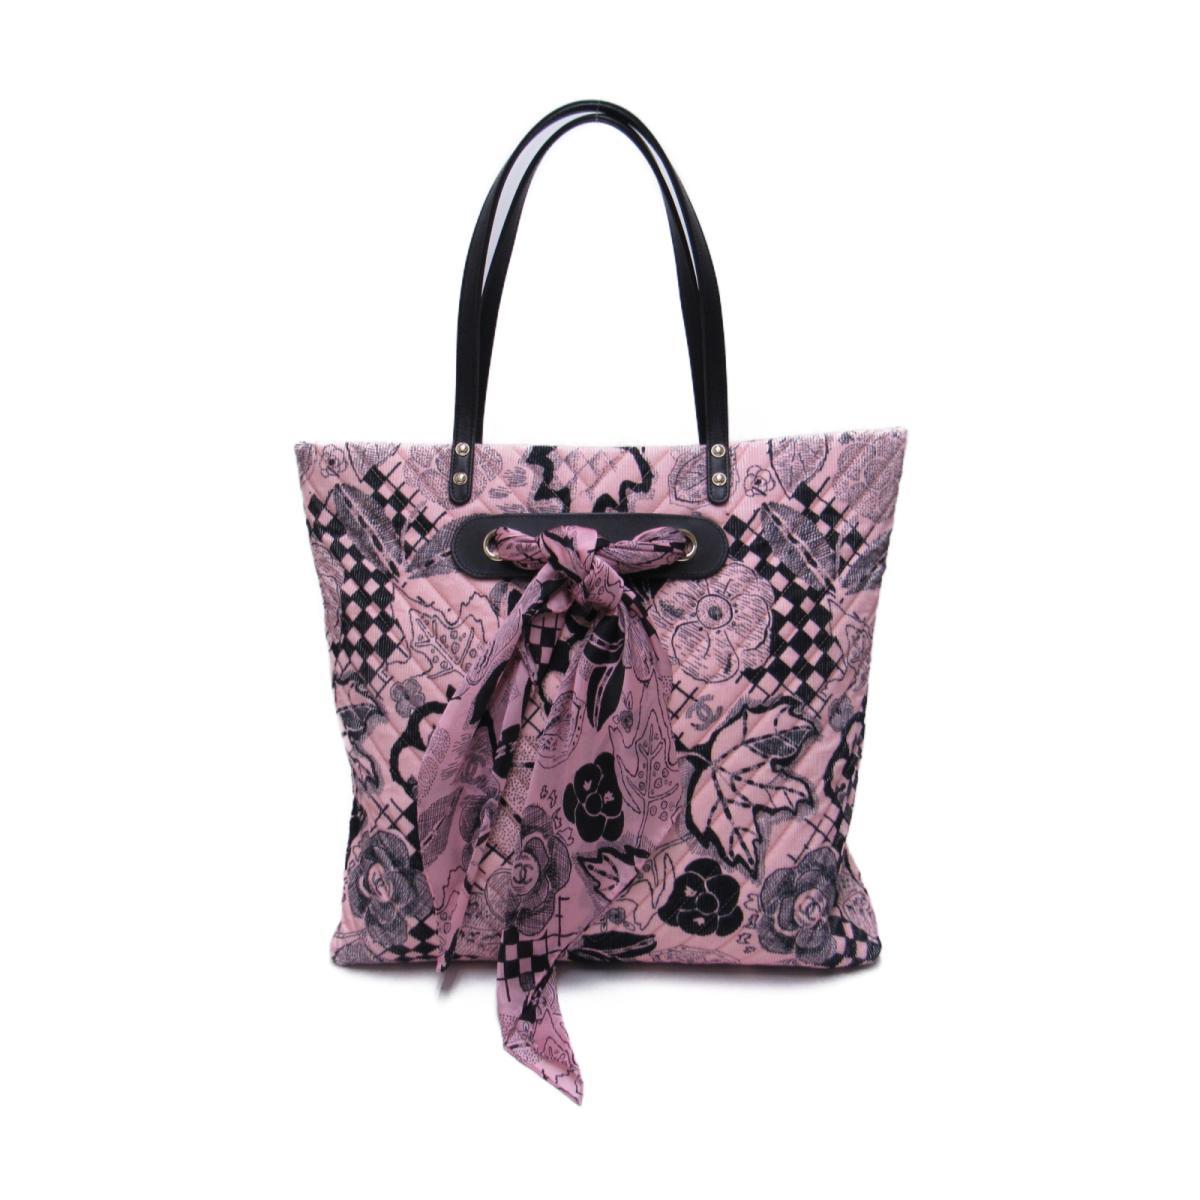 【中古】 シャネル ショッピングトートバッグ レディース キャンバス ピンク x ブラック (A57347) | CHANEL トートバック トート 肩がけ バッグ バック BAG カバン 鞄 ブランドバッグ ブランドバック 美品 ブランドオフ